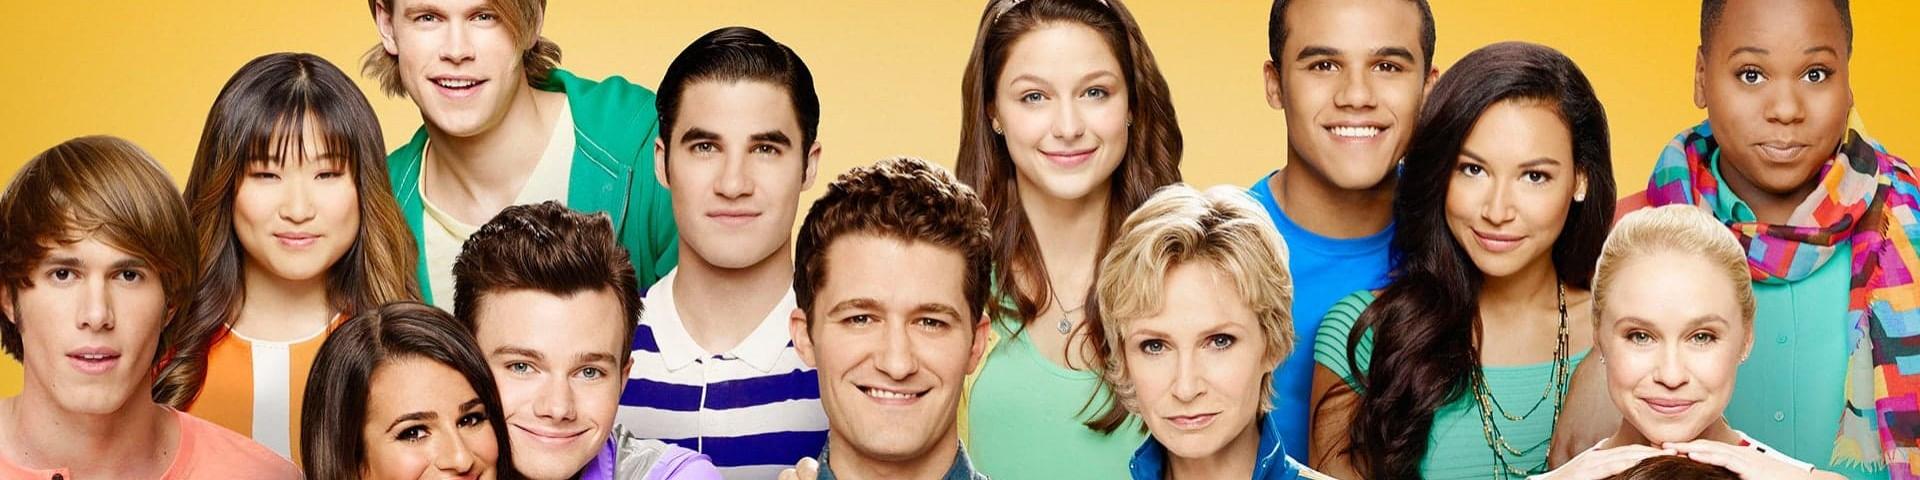 Che fine hanno fatto gli attori di Glee?